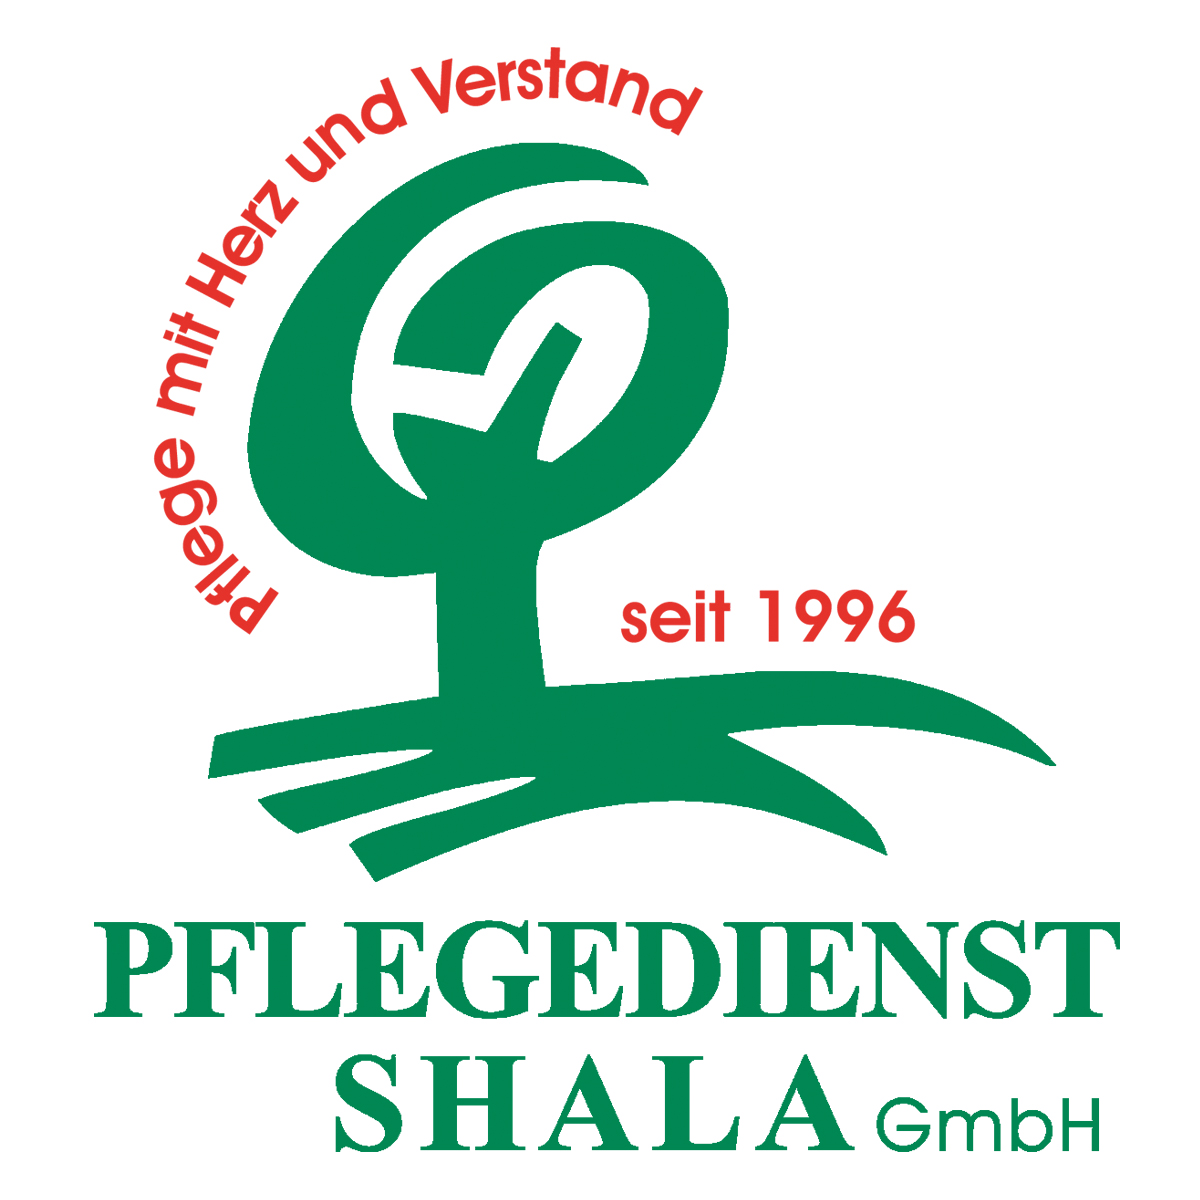 Bild zu Pflegedienst Shala GmbH in Recklinghausen